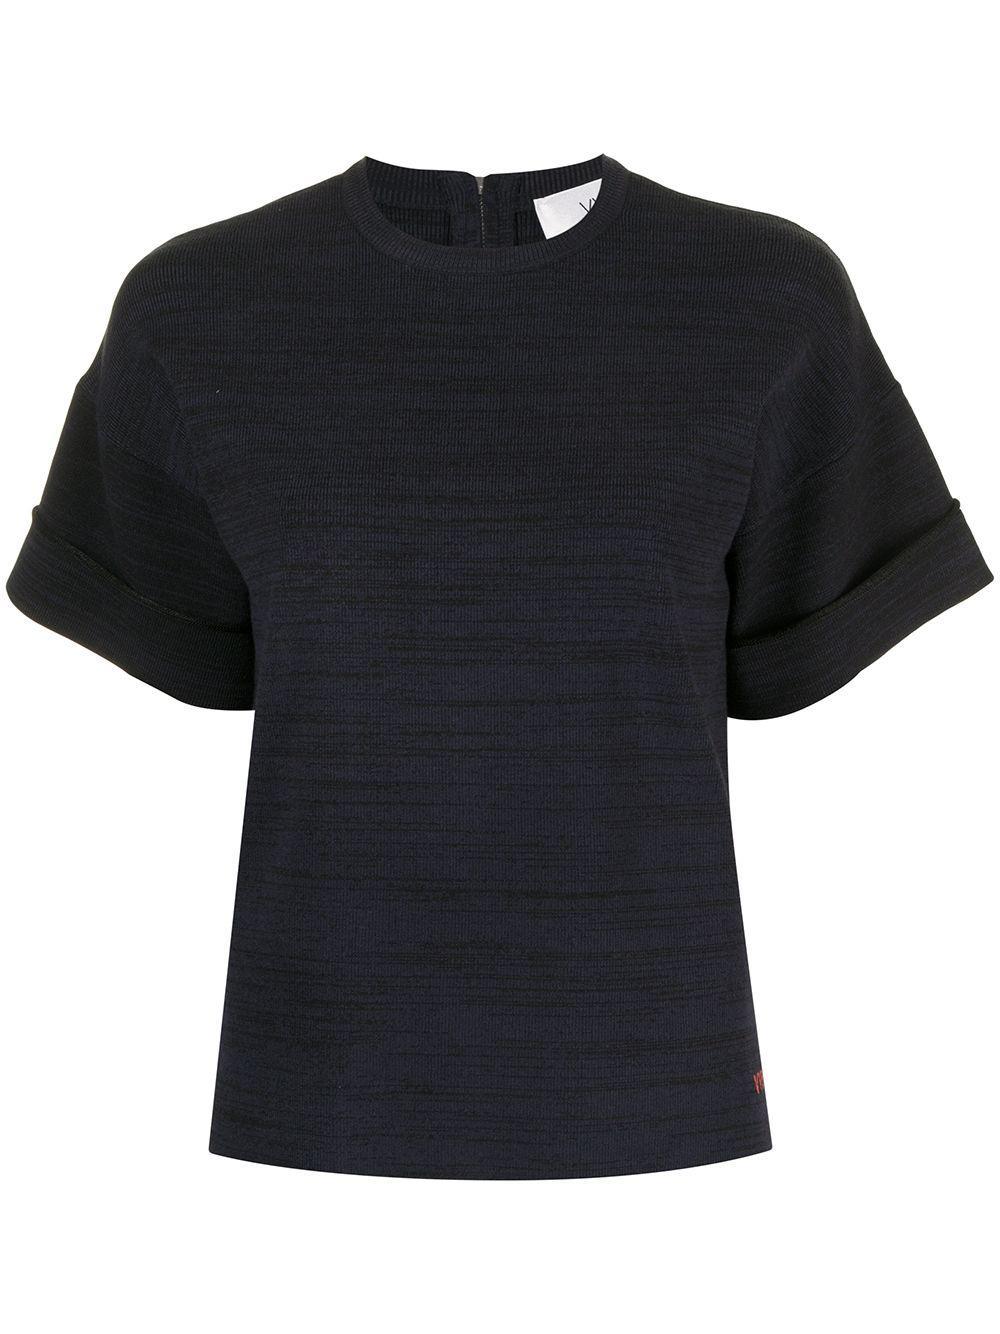 Boxy Marl Knit T-Shirt